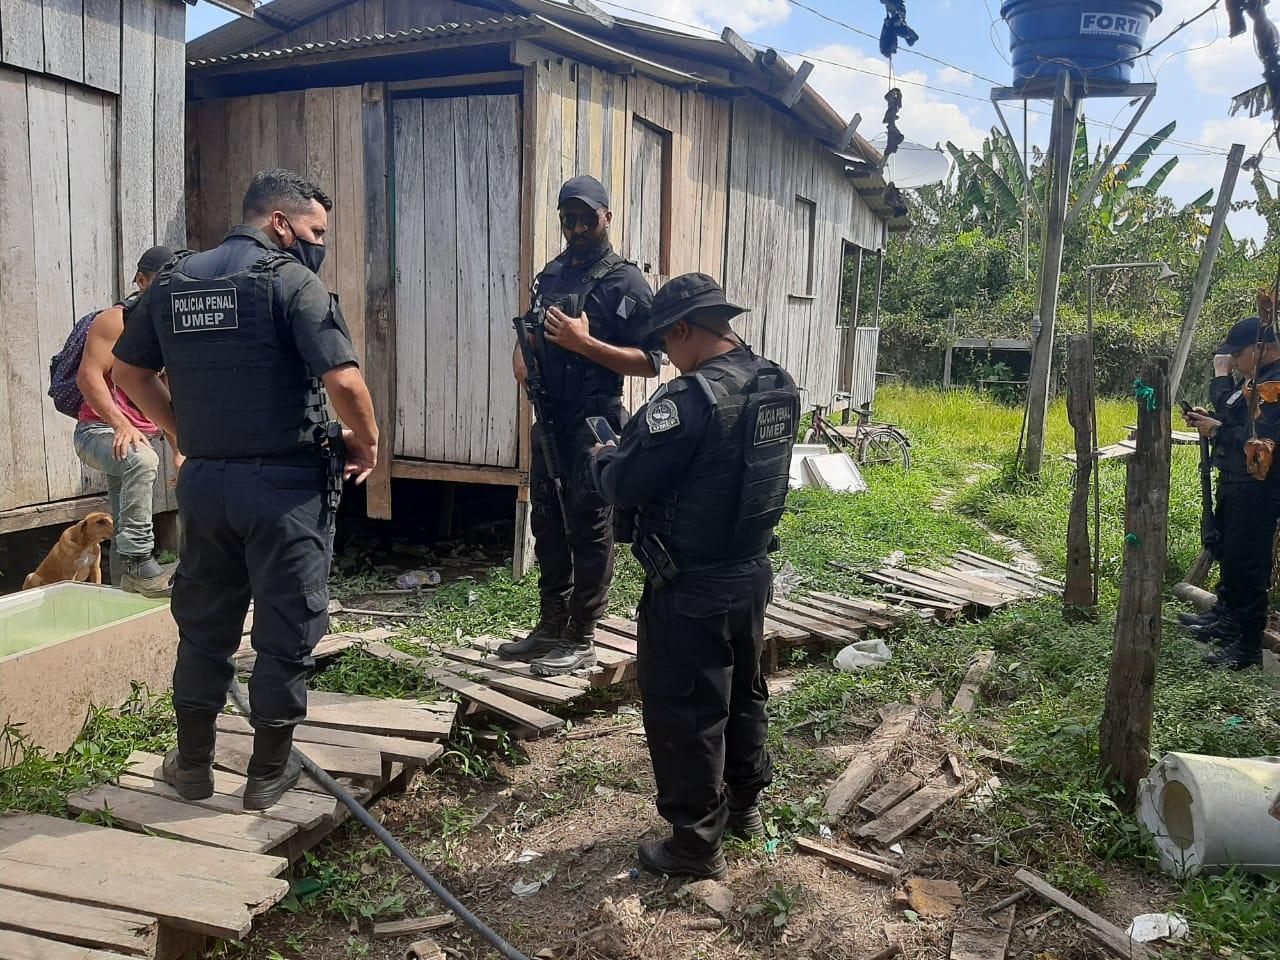 Polícias Penal e Militar fiscalizam presos monitorados no interior do estado